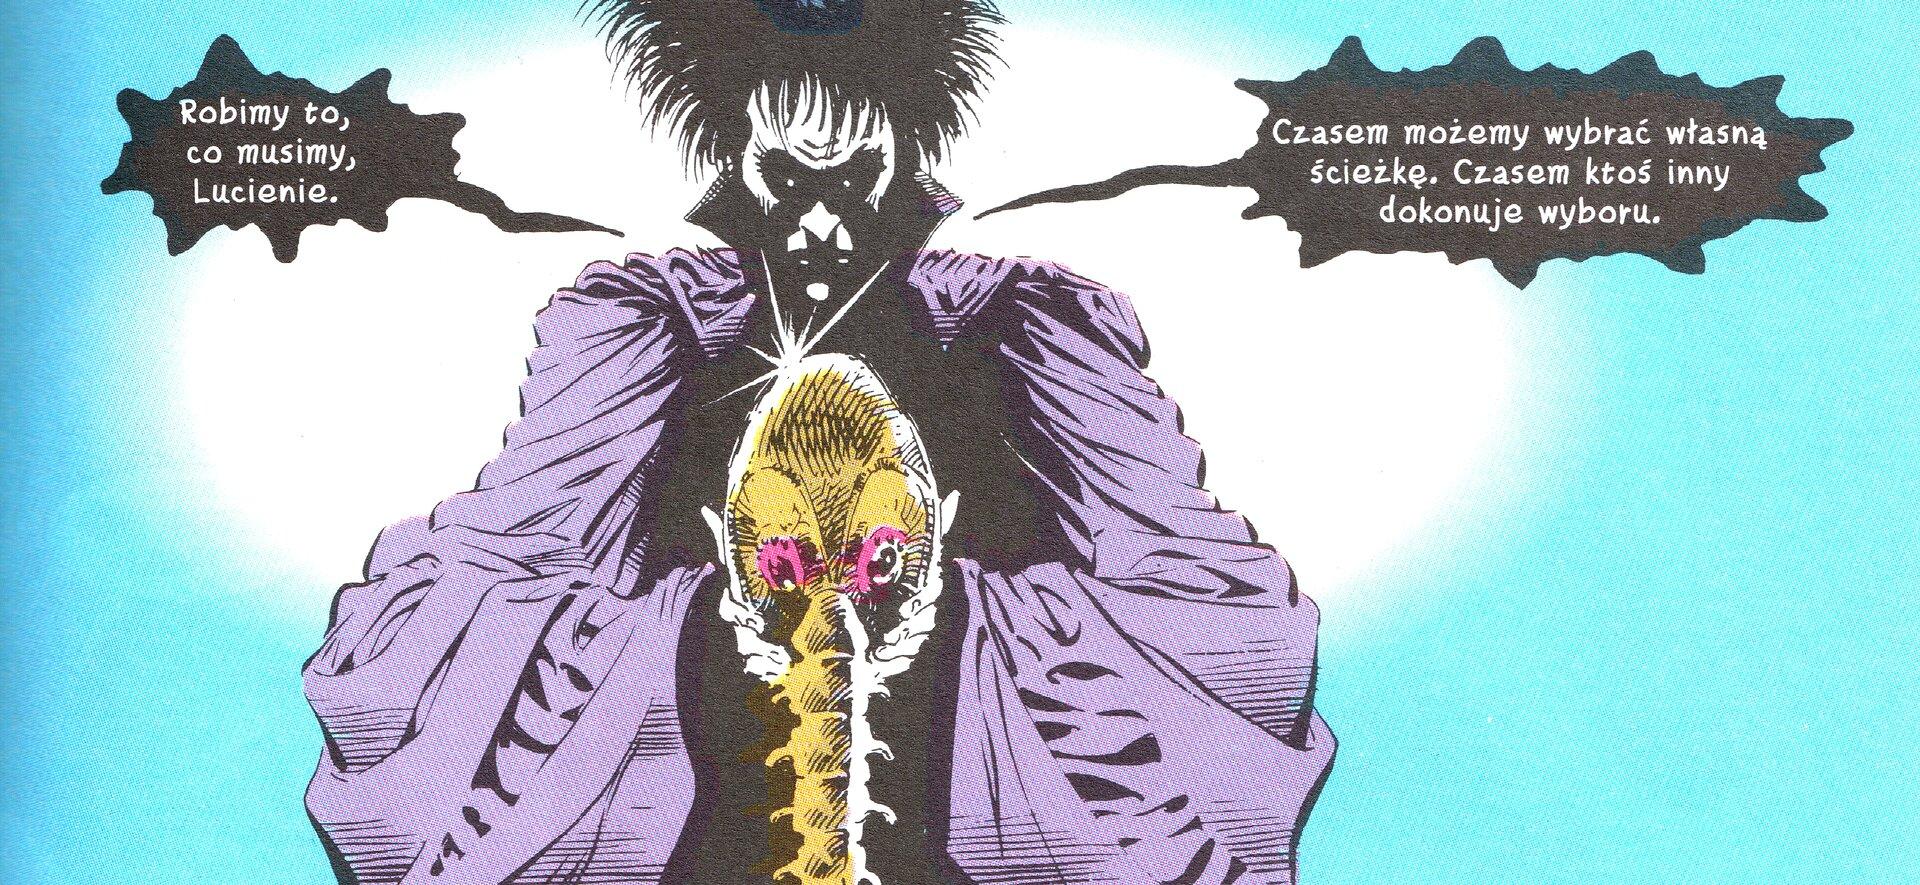 """Ilustracja przedstawia fragment komiksu """"Pora mgieł. Rozdział 6"""". Ukazuje mężczyznę obiałej twarzy trzymającego złotą czaszkę zfragmentem kręgosłupa. Bohater ubrany jest wfioletowy płaszcz zwysokim kołnierzem. Tło jest błękitne zbiałą poświatą znajdującą się za bohaterem. Na ilustracji znajdują się dwa dymki ztekstem. Pierwszy: Robimy to, co musimy, Lucienie. Drugi: Czasem możemy wybrać własną ścieżkę. Czasem ktoś inny dokonuje wyboru."""